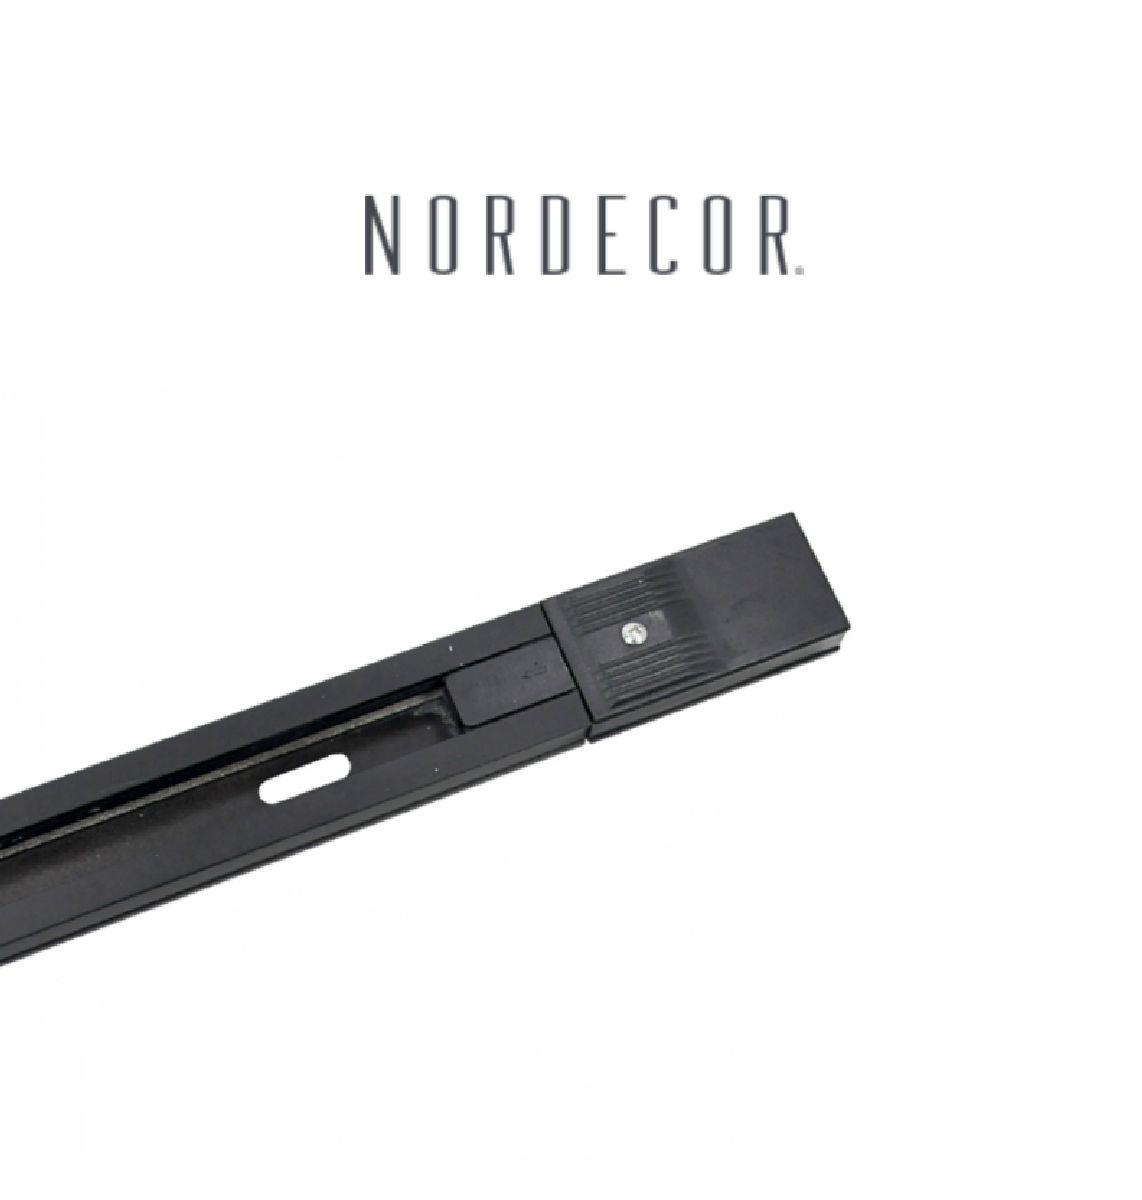 Kit Trilho Eletrificado 1m Preto Nordecor + 3 Spot Quad MR16 / GU10 Para Sala Quarto Cozinha Quadro